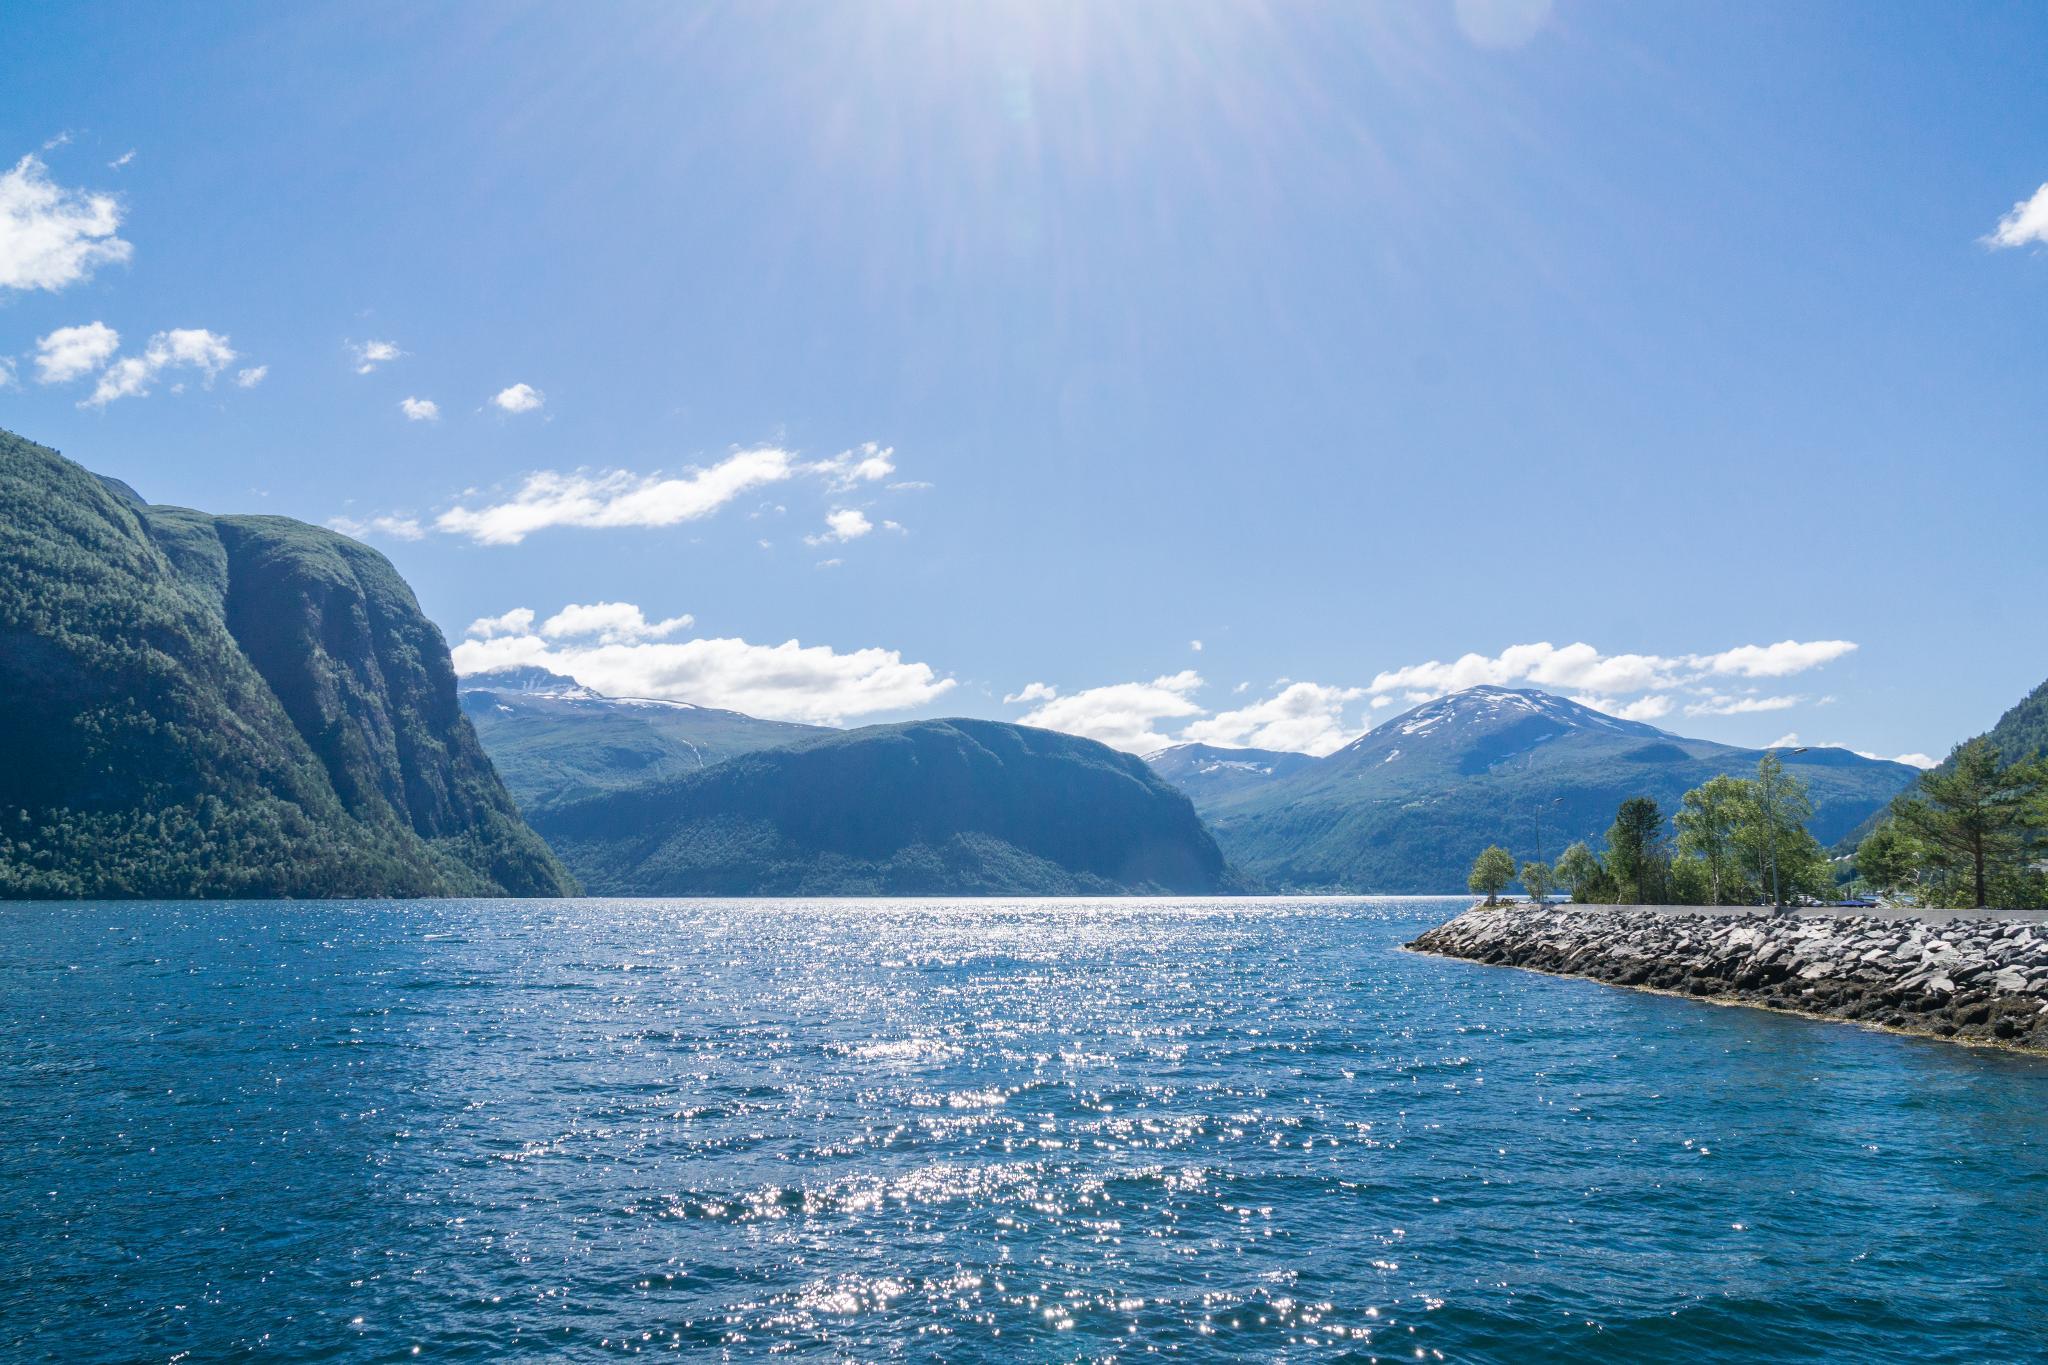 【北歐景點】Trollstigen 精靈之路 ∣ 挪威最驚險的世界級景觀公路 39